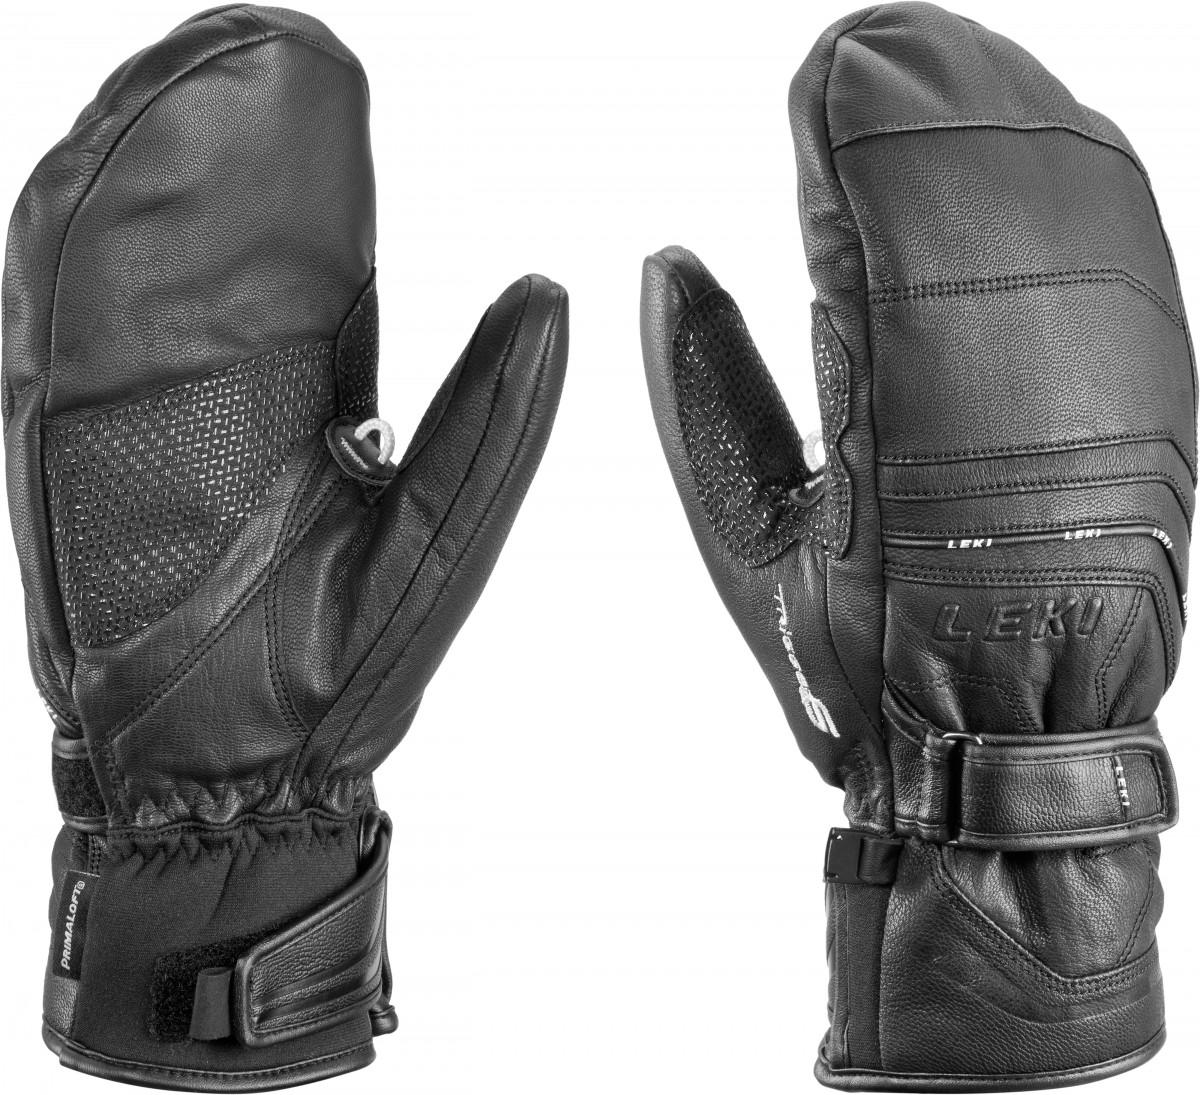 Leki ski gloves ASPEN S Mitten